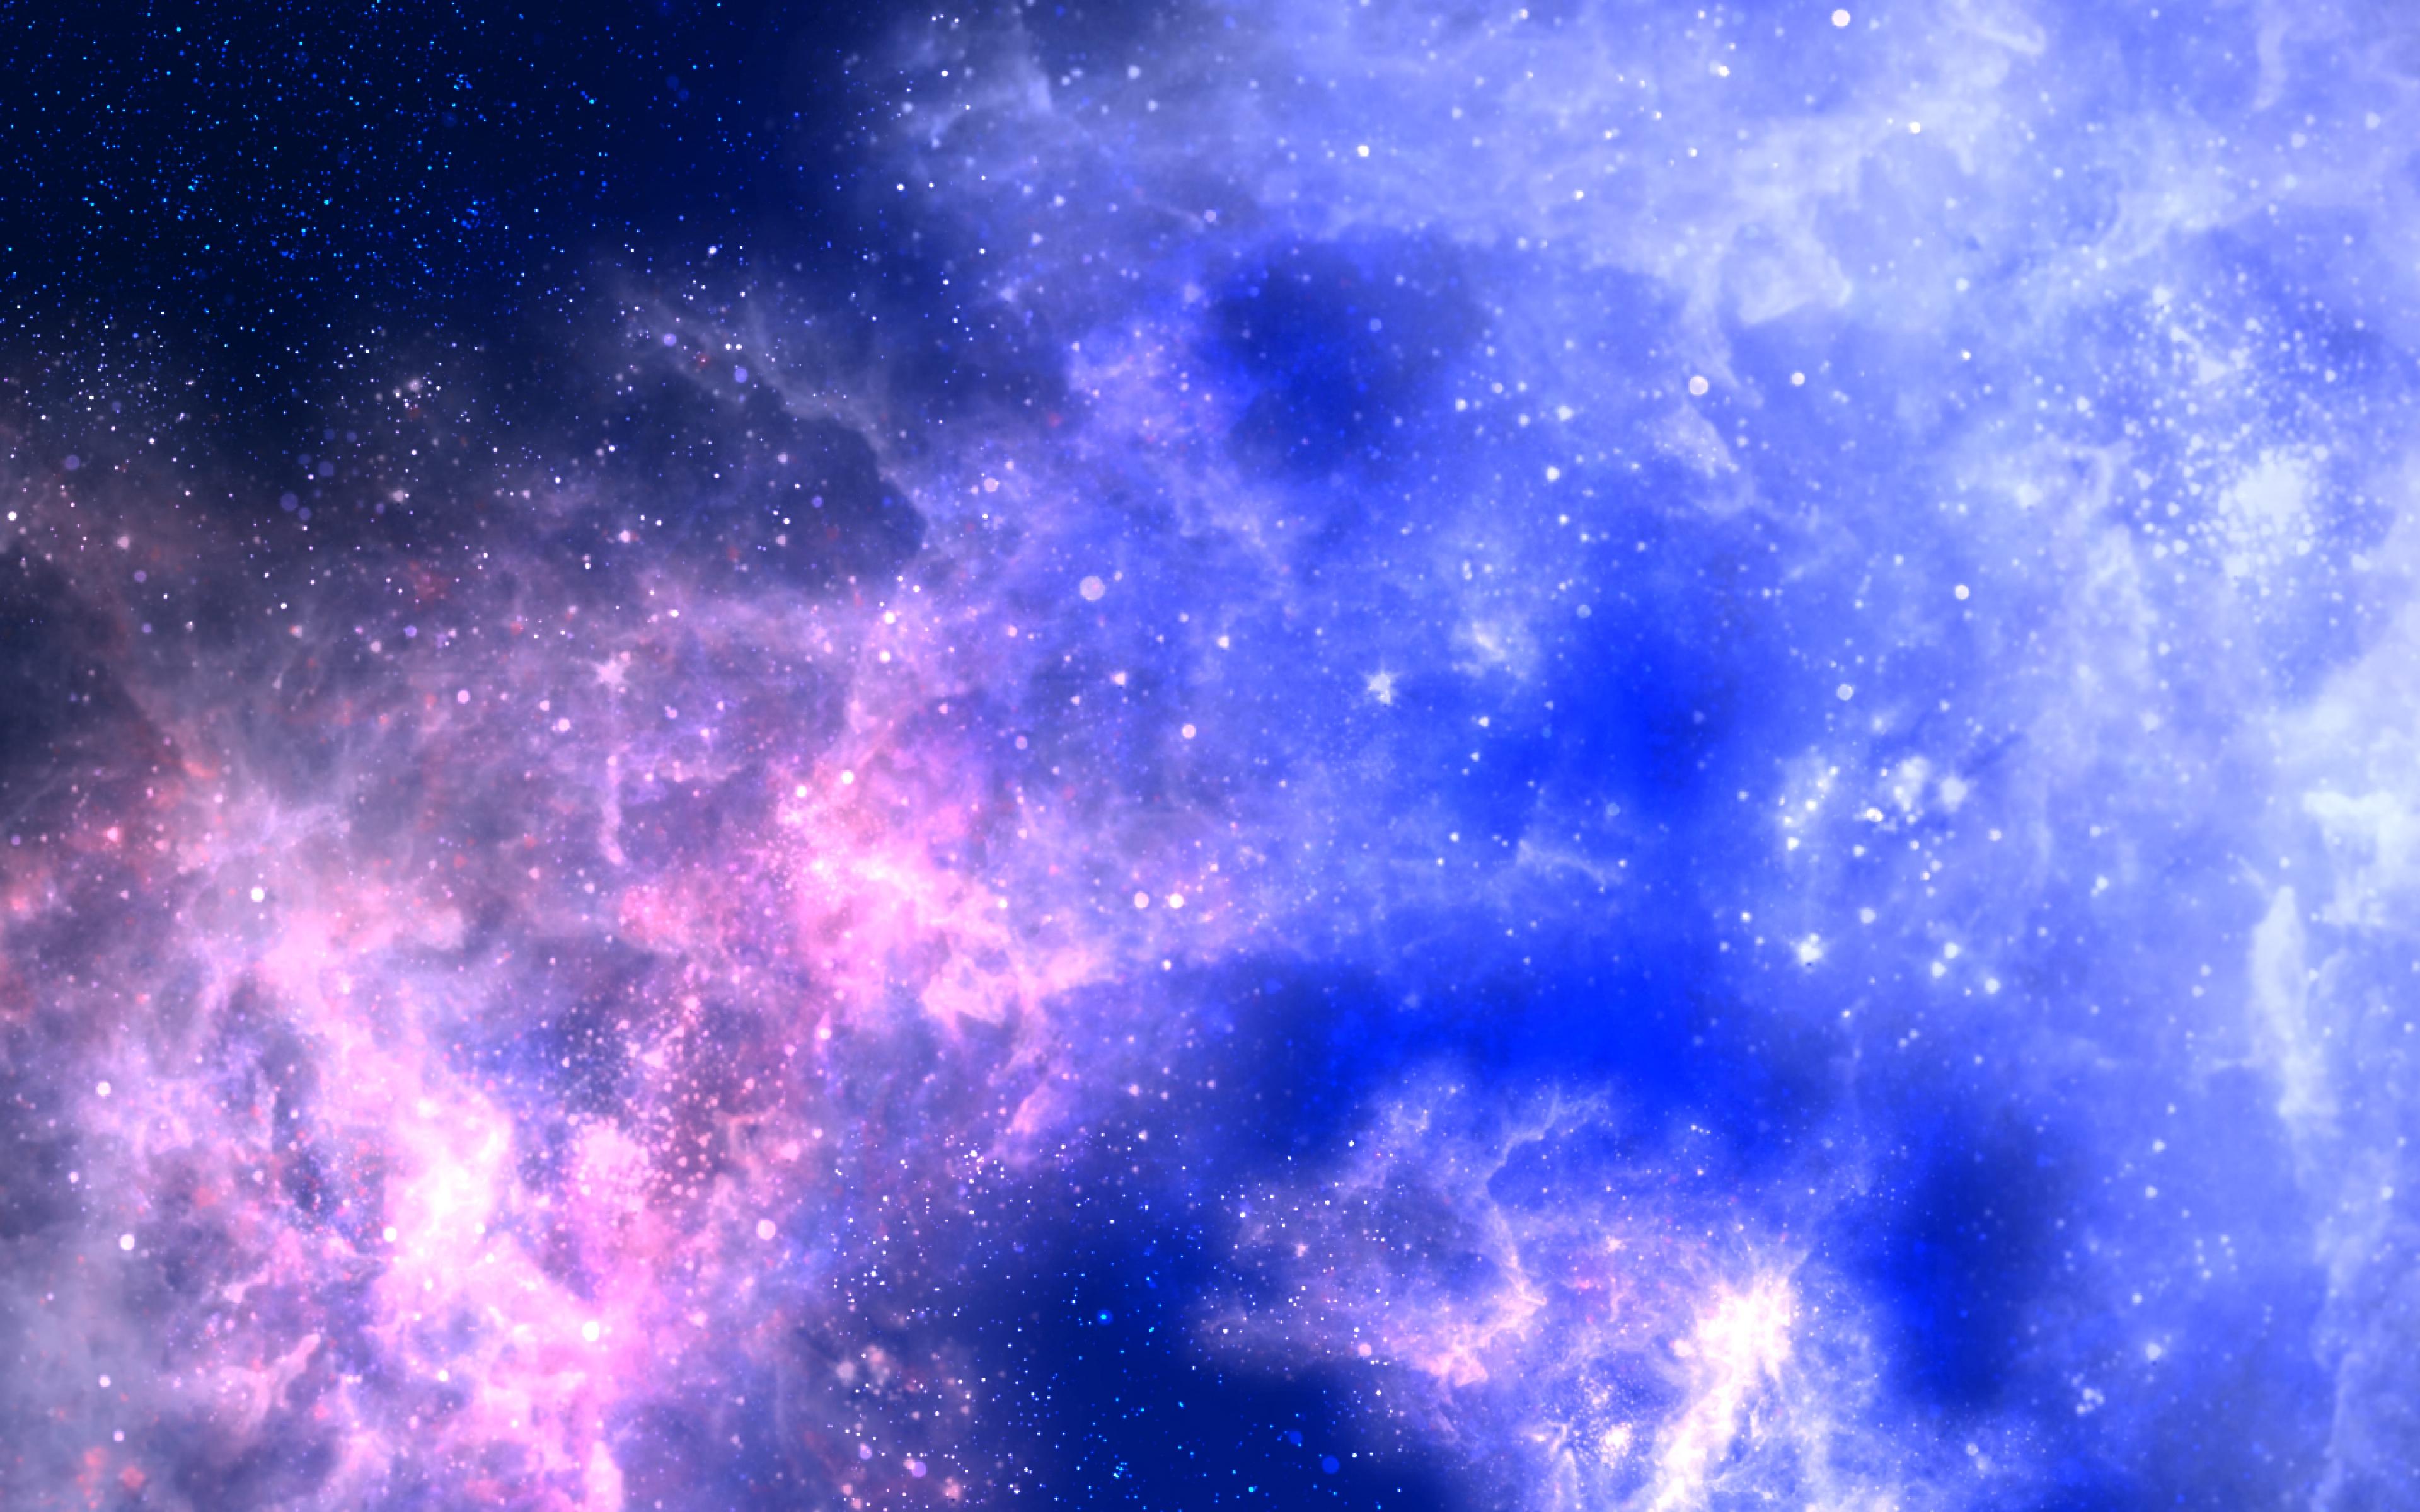 Galaxy wallpaper 4k wallpapersafari for Fond full hd